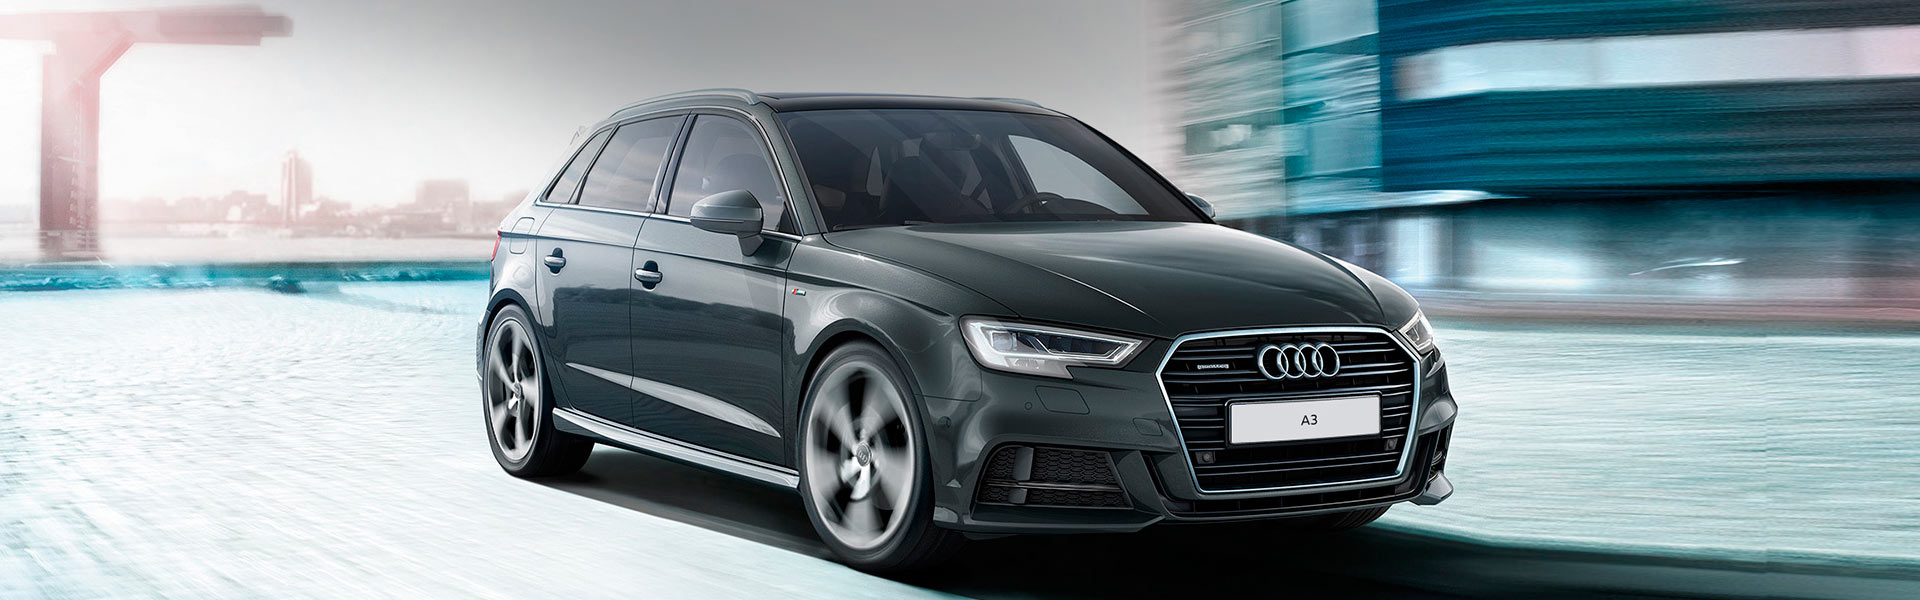 Сервис Audi A3